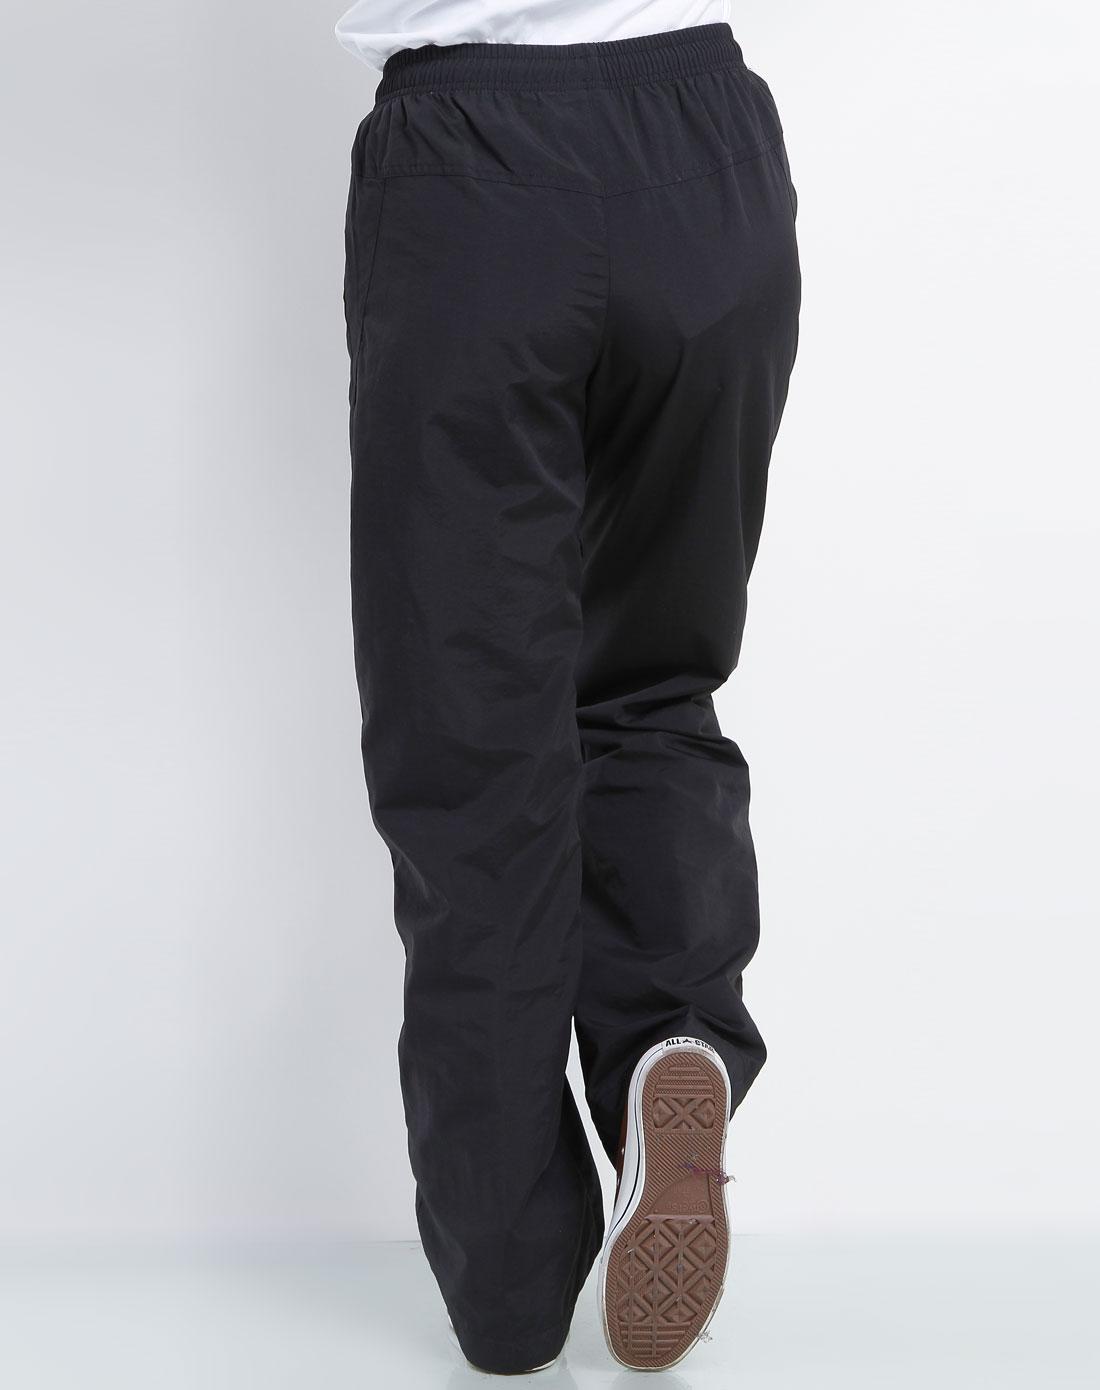 正黑色时尚运动长裤